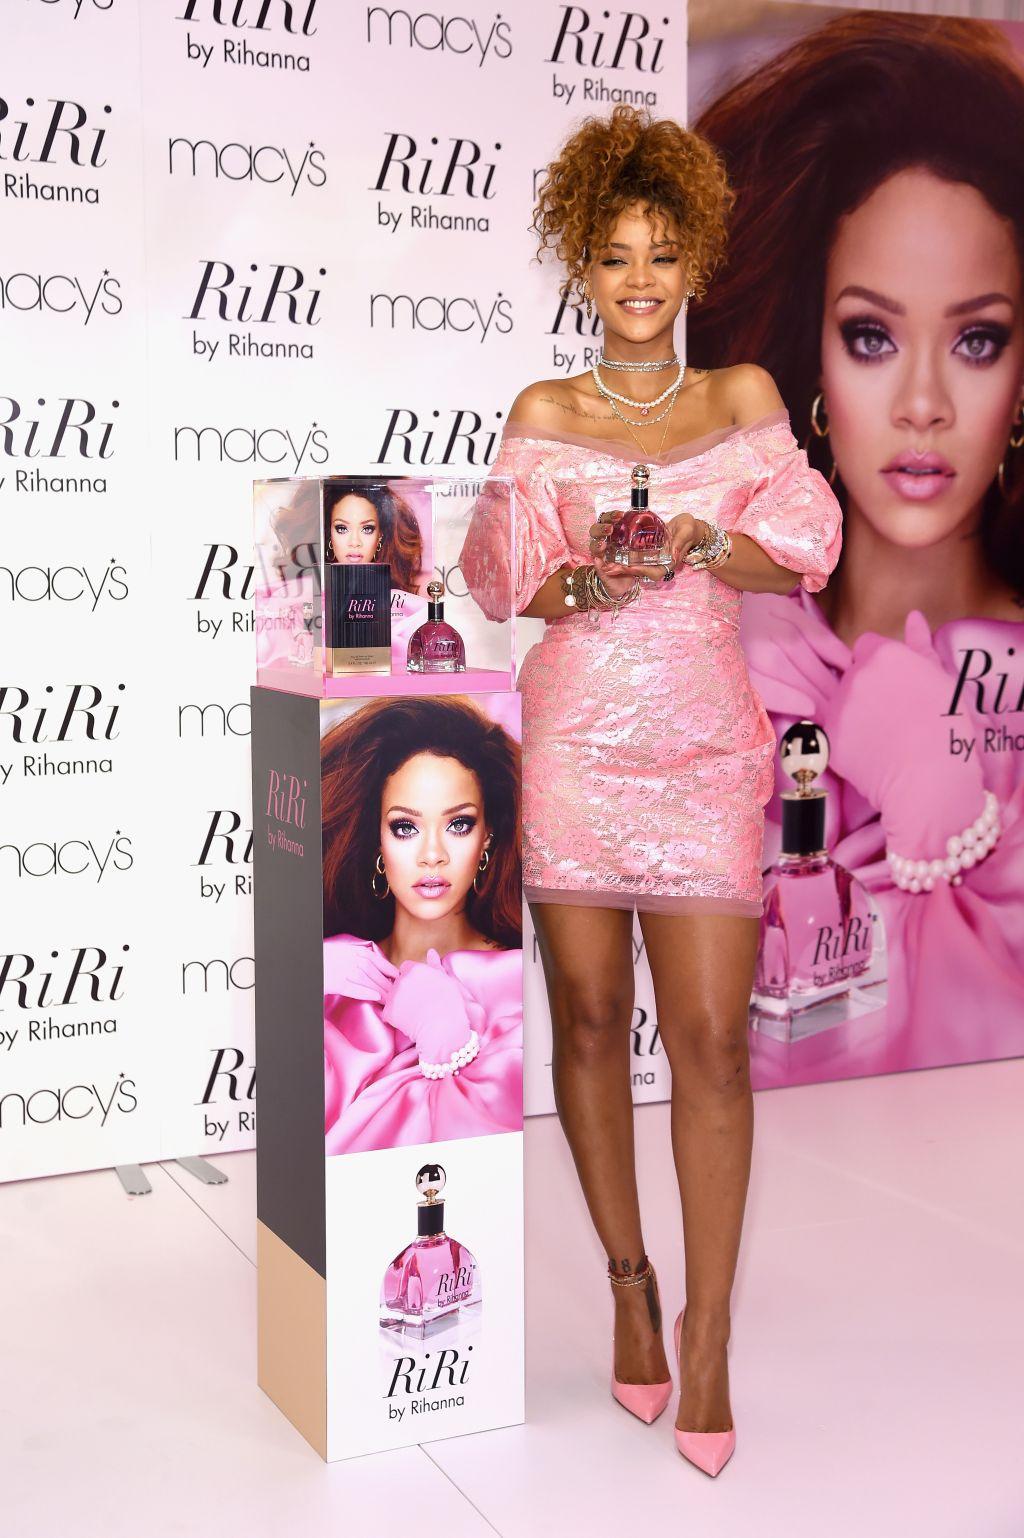 Rihanna at 'RiRi' launch in Brooklyn